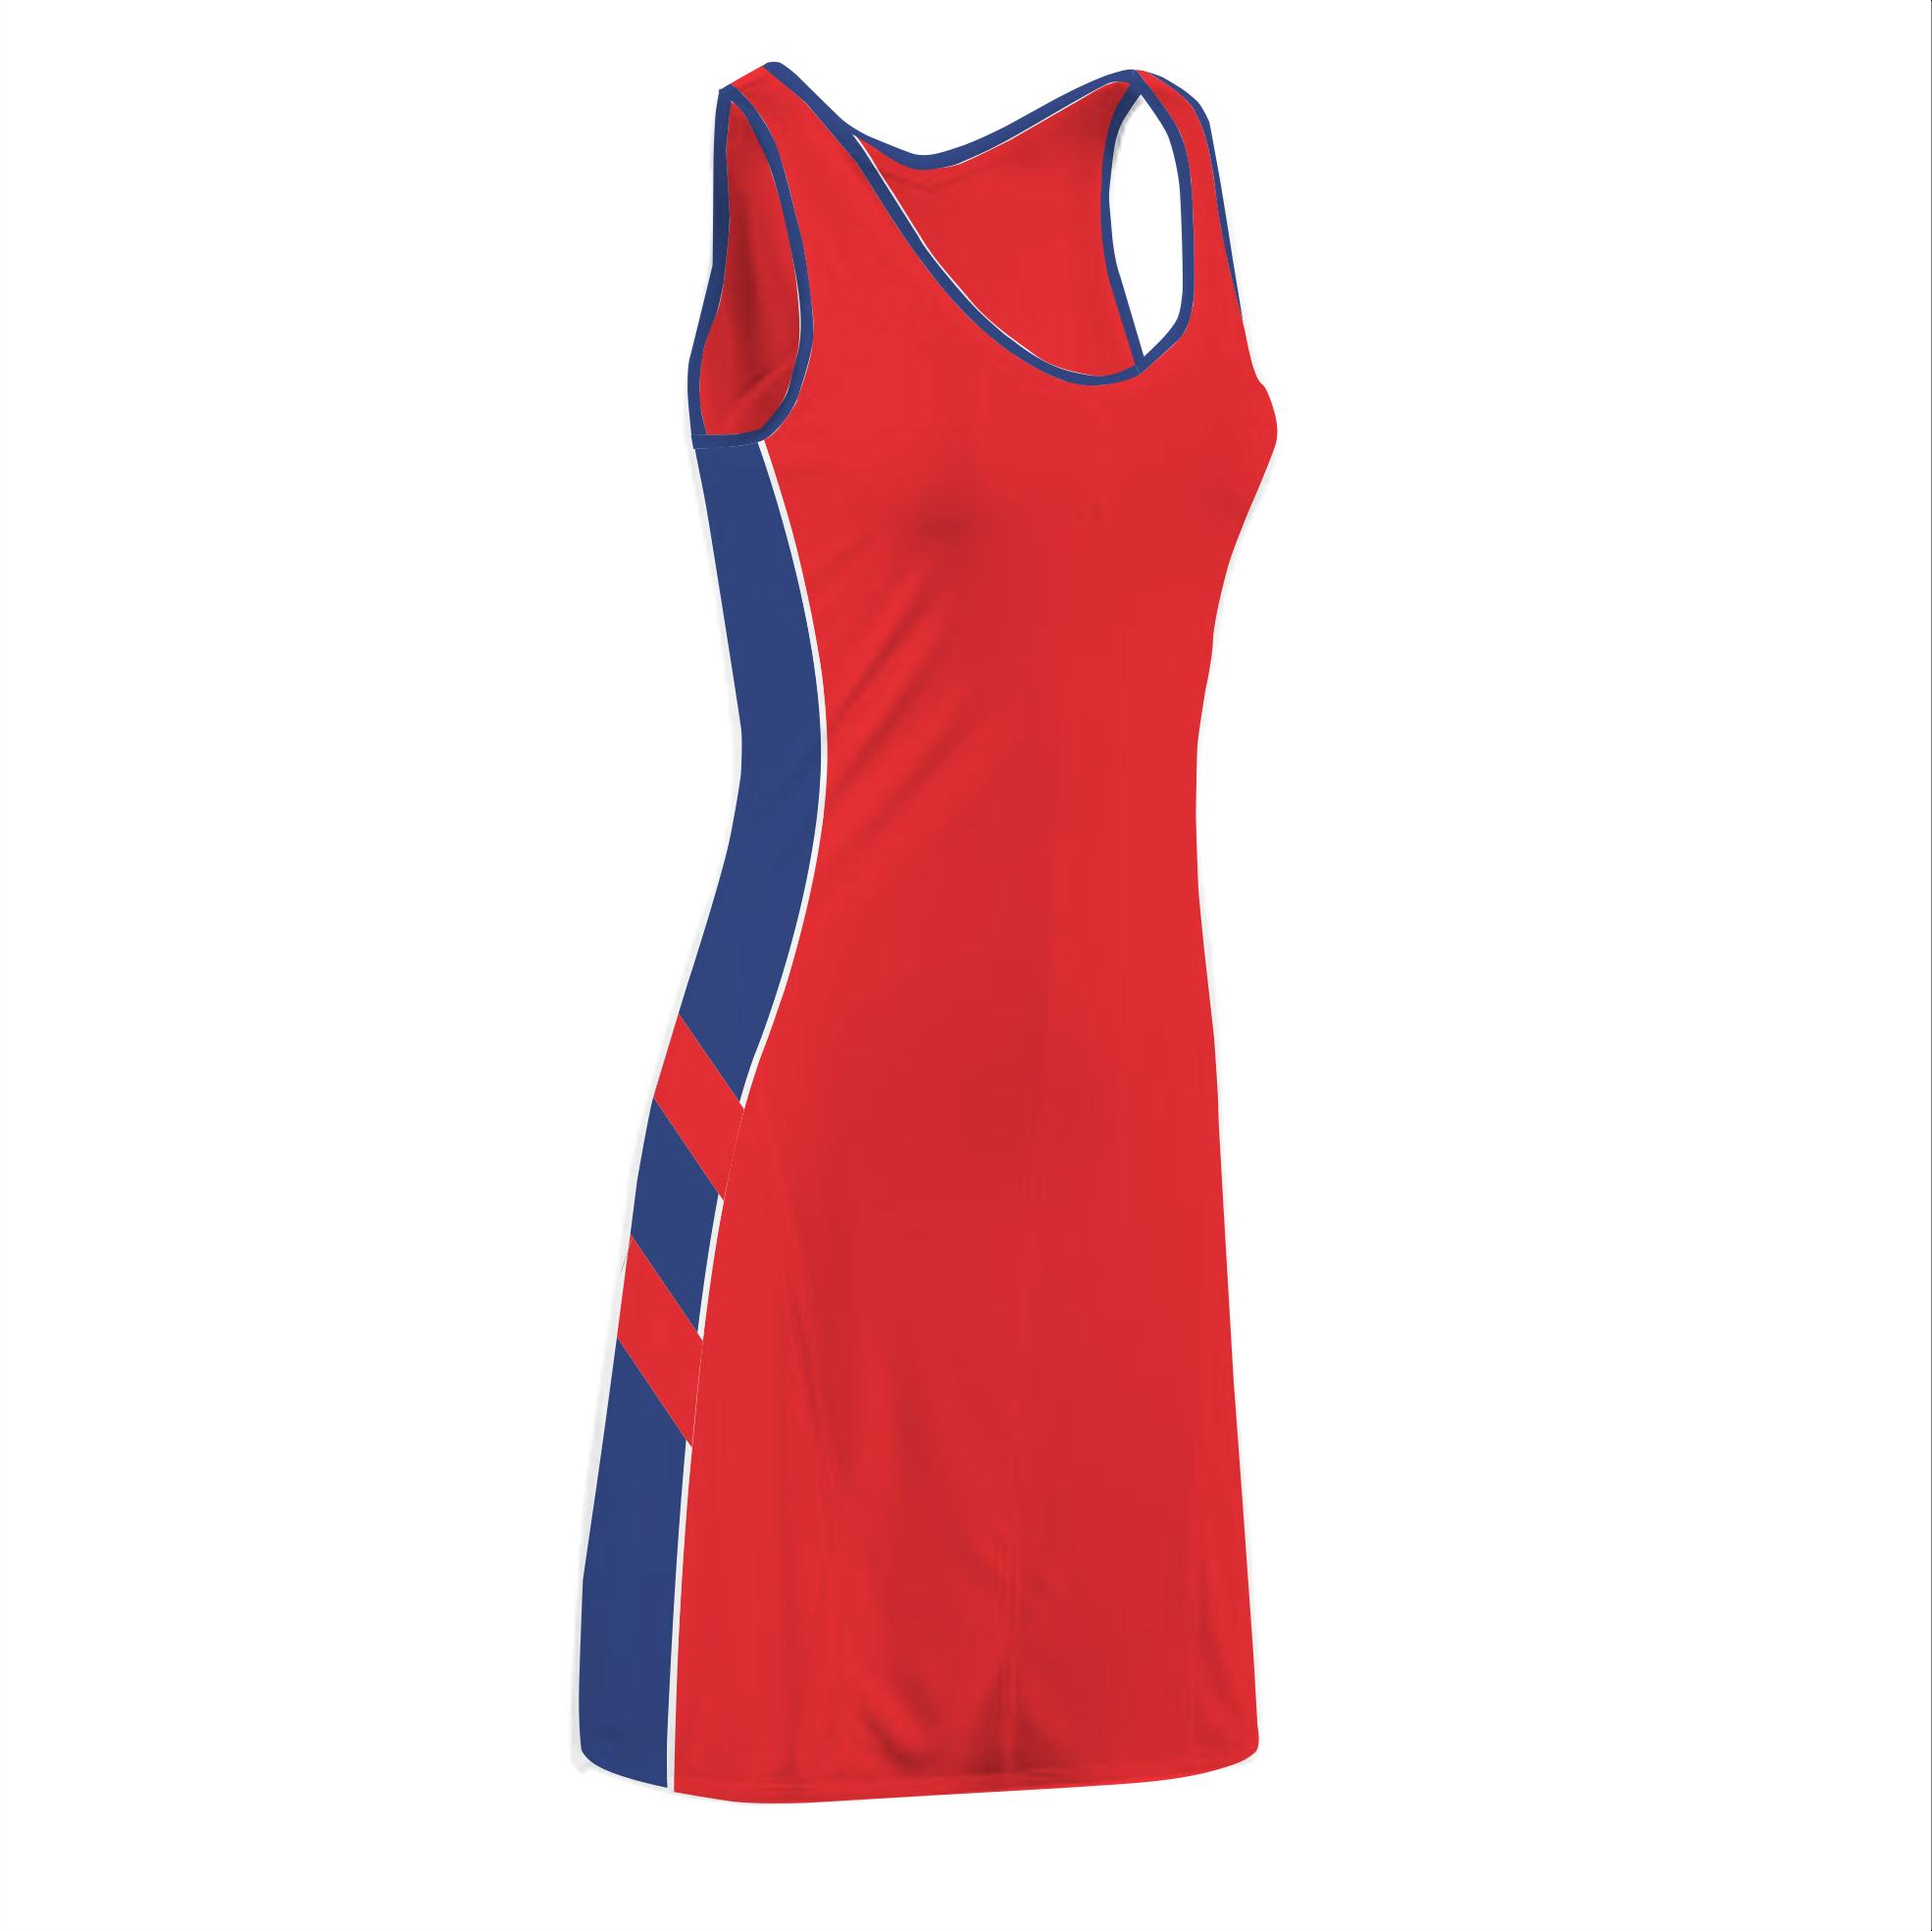 Panelled Zuco dress - Izette